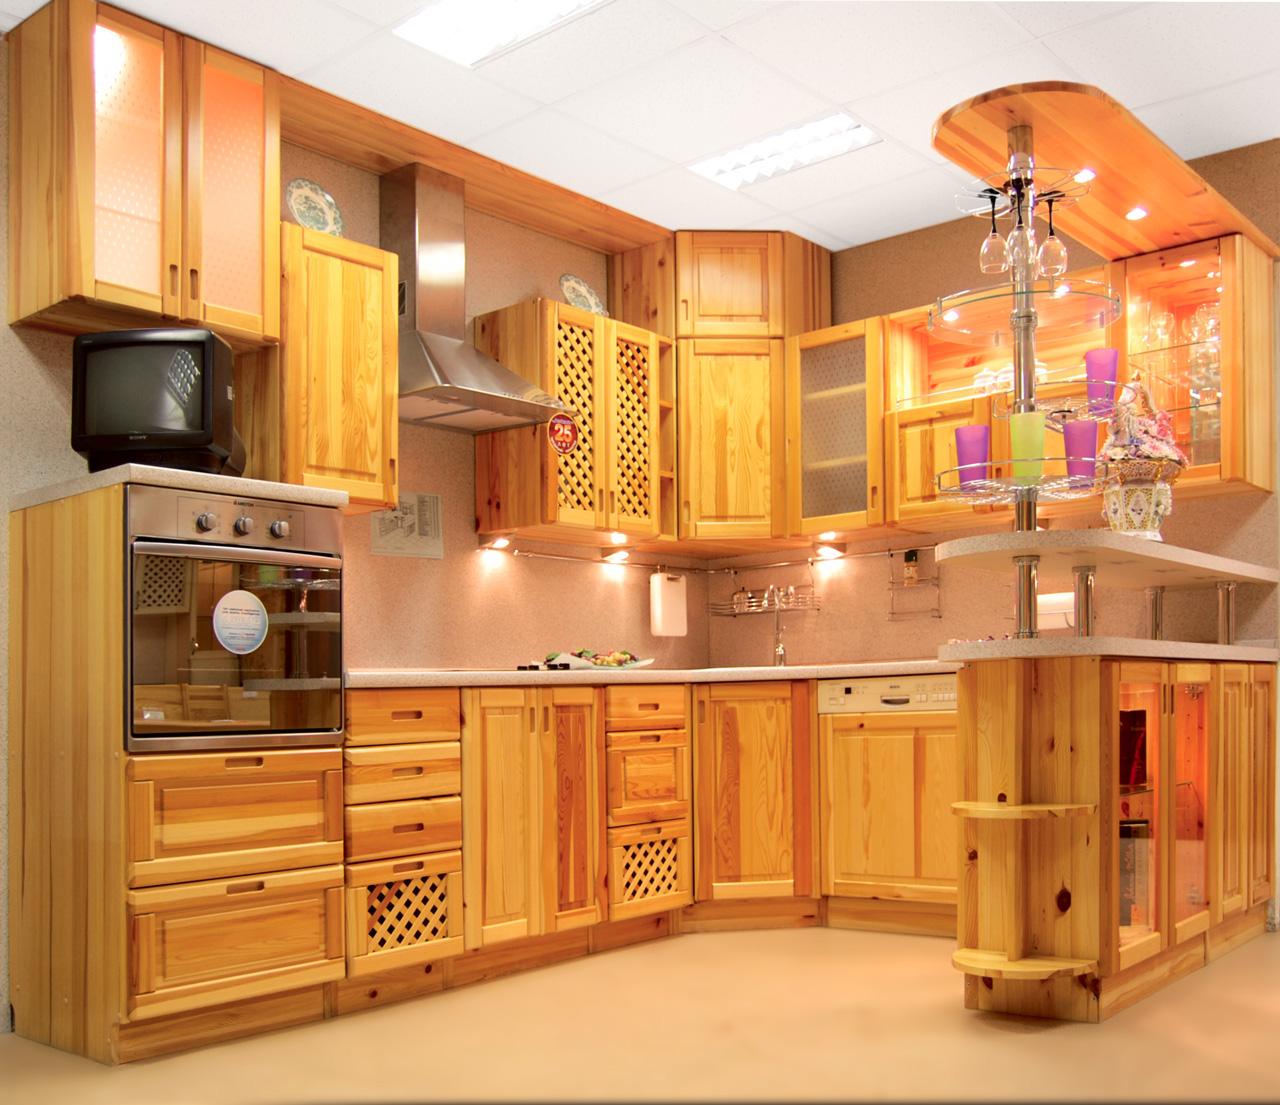 Кухонный гарнитур с барной стойкой из сосны